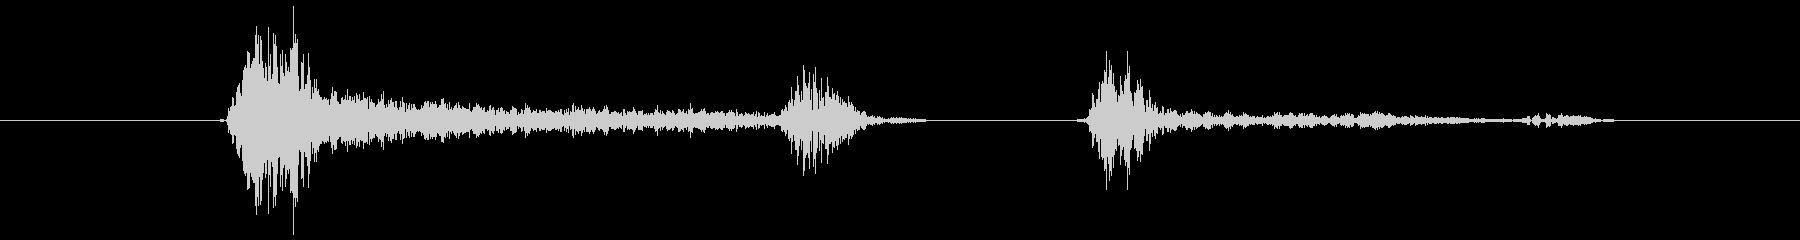 鳴き声 男性の咳02の未再生の波形